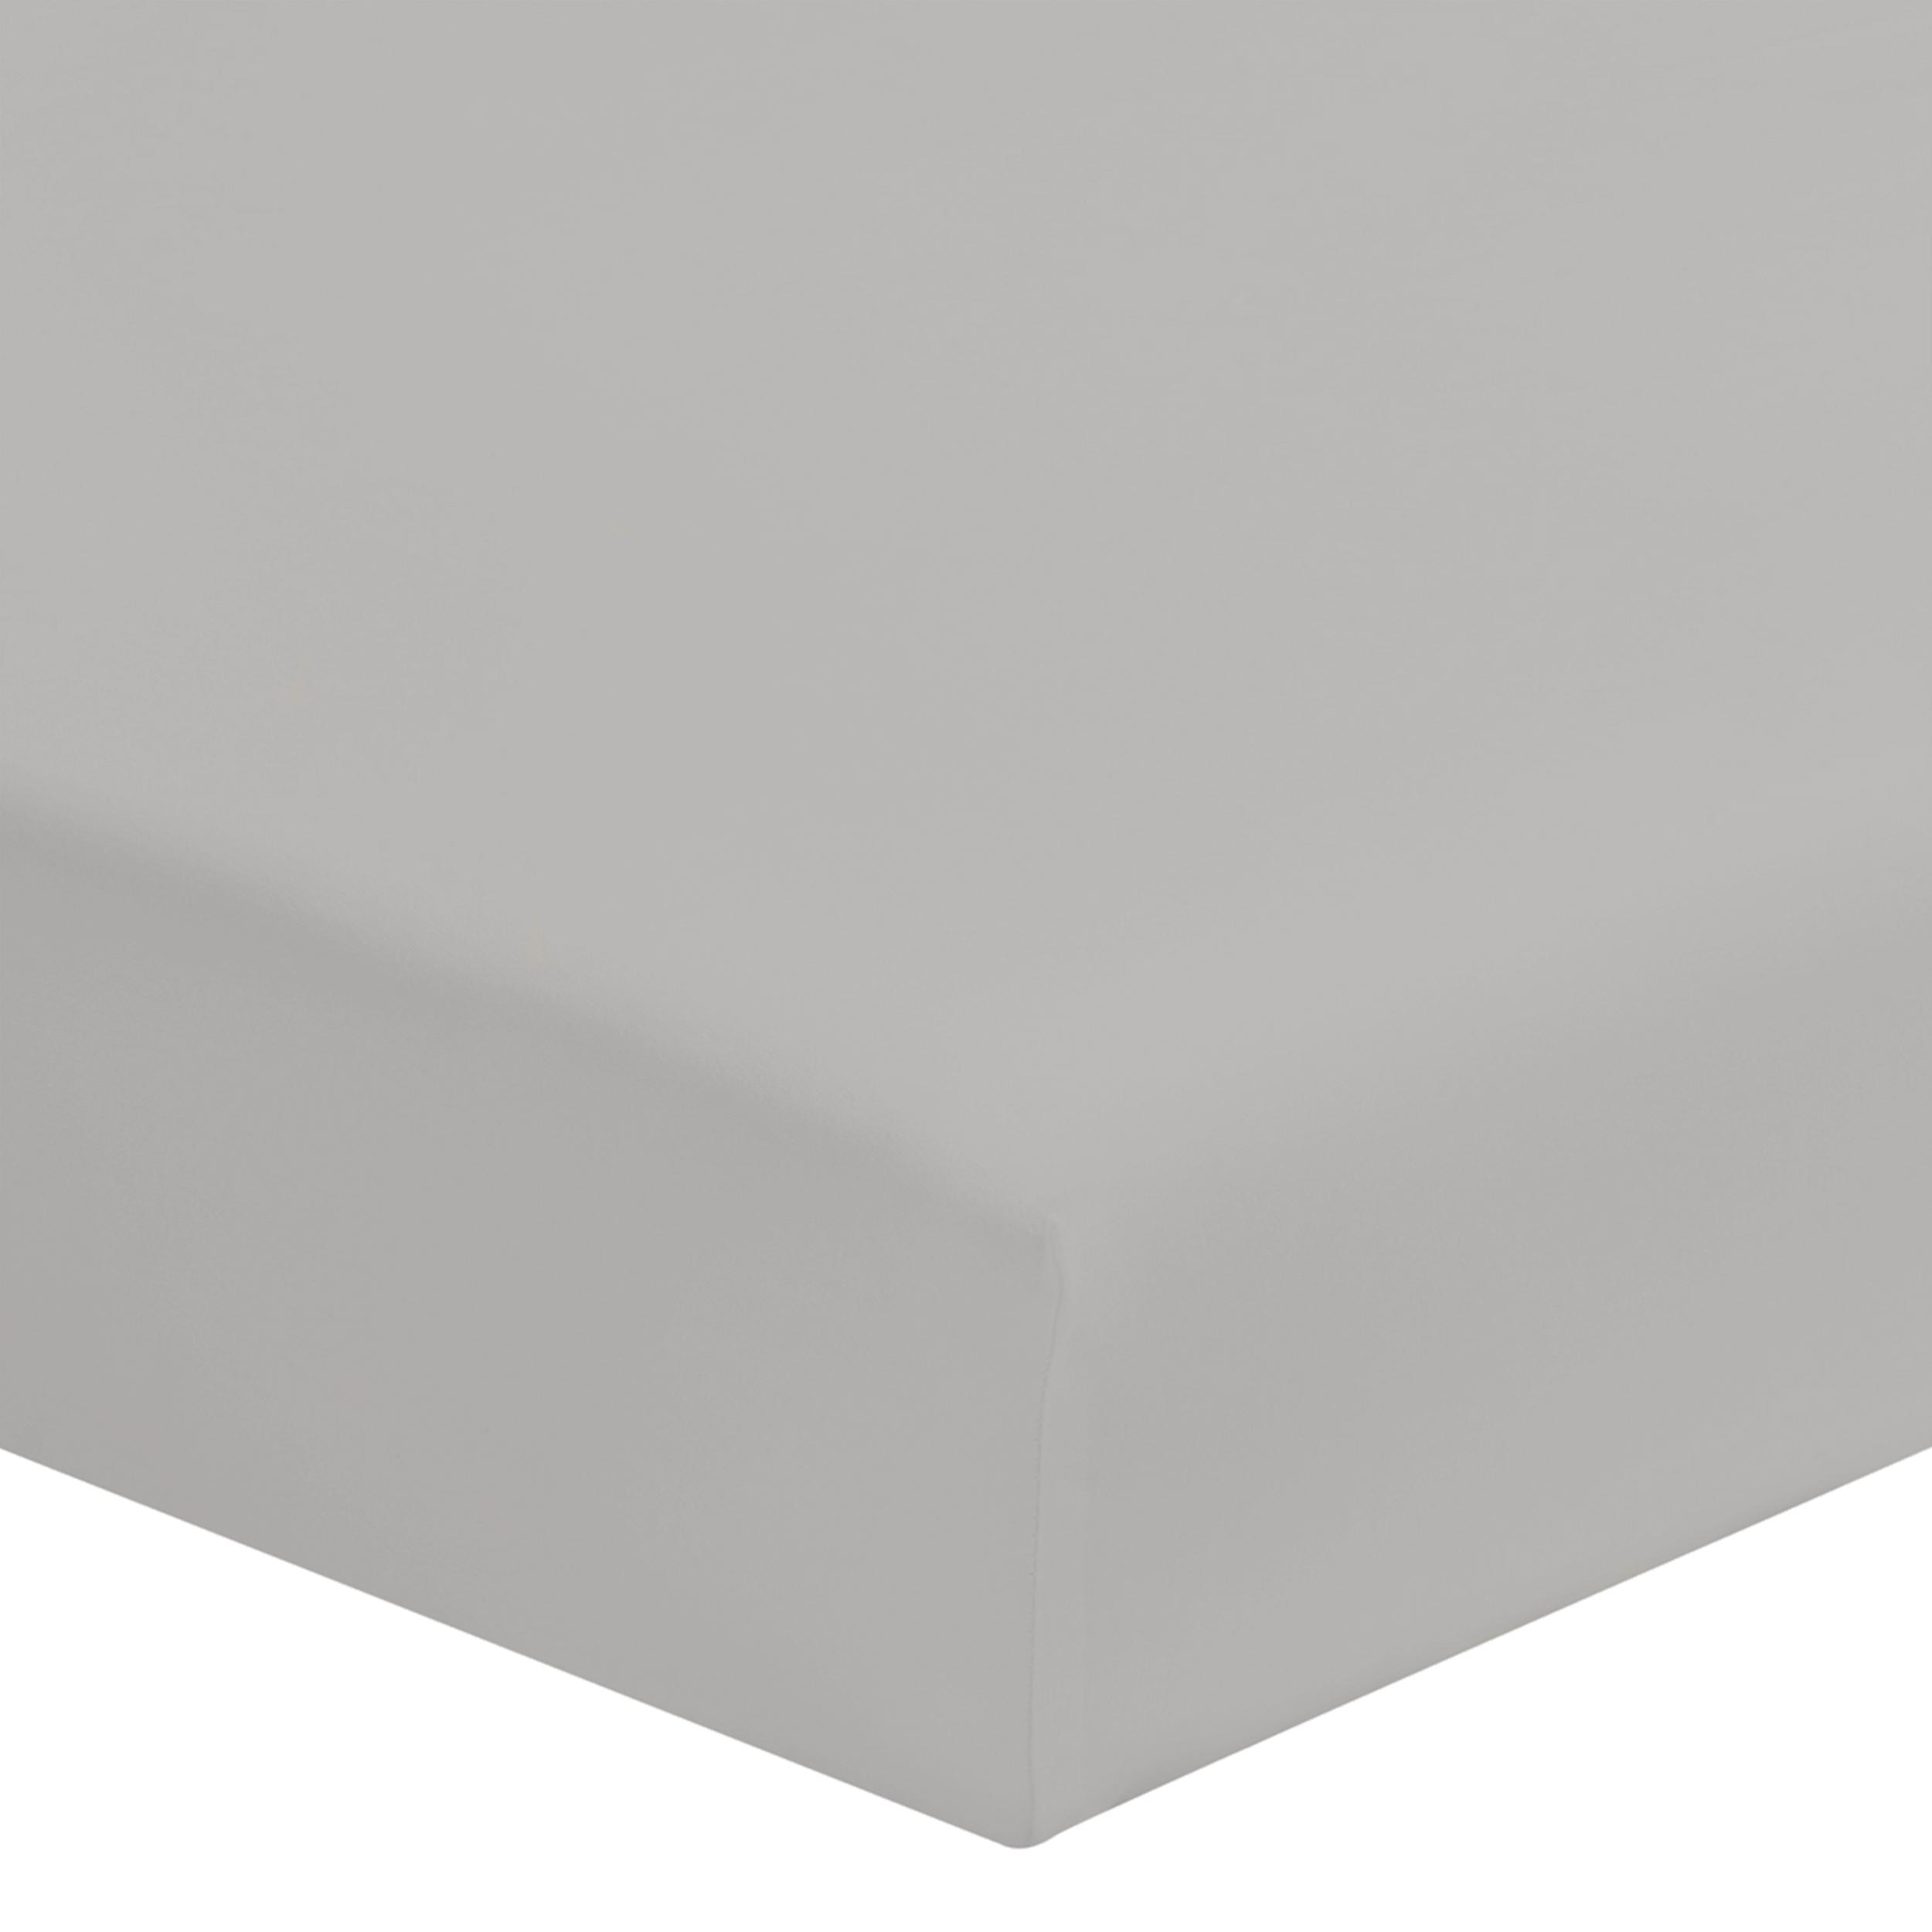 Drap housse uni en coton, gris 90x190